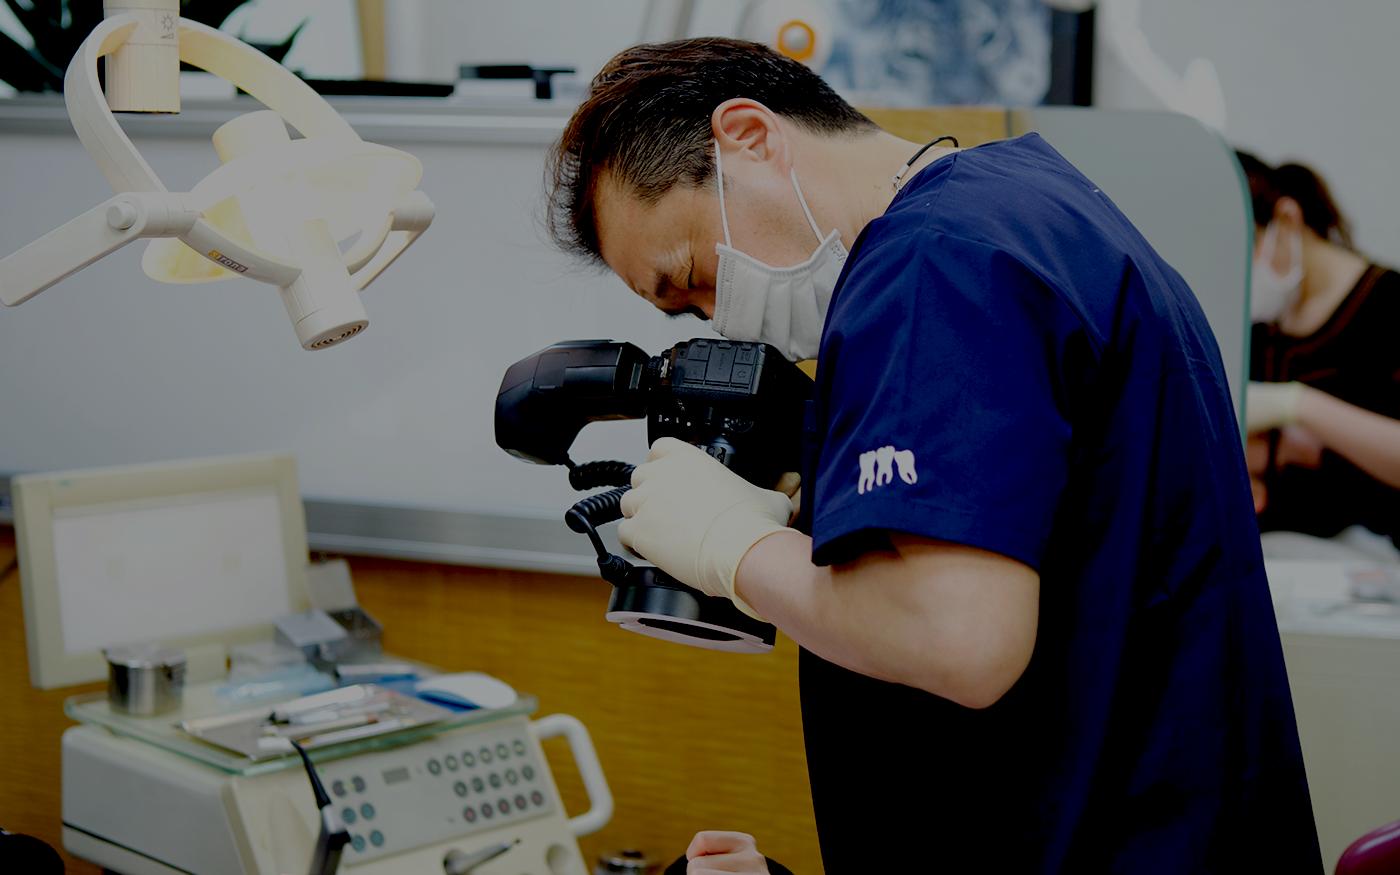 口腔内の撮影を行い、患者様の状態を正しく把握します。: